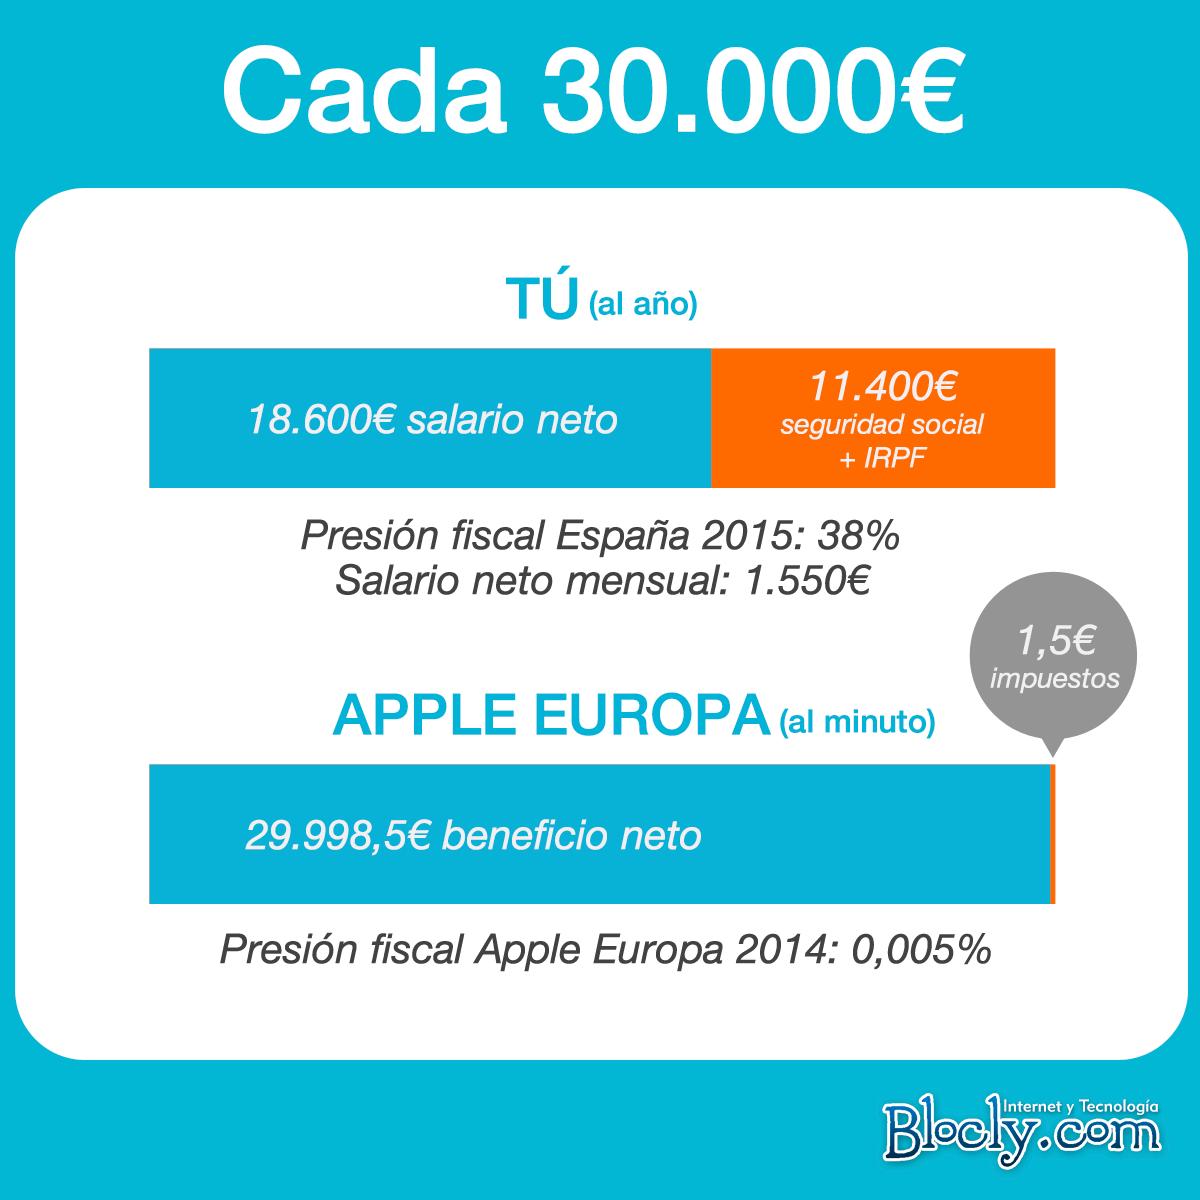 Evasión impuestos Apple en Europa